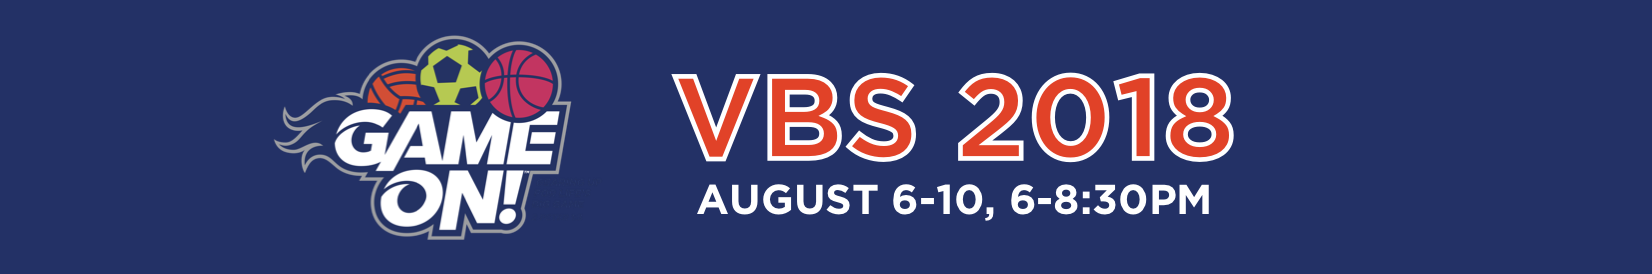 VBS 2018